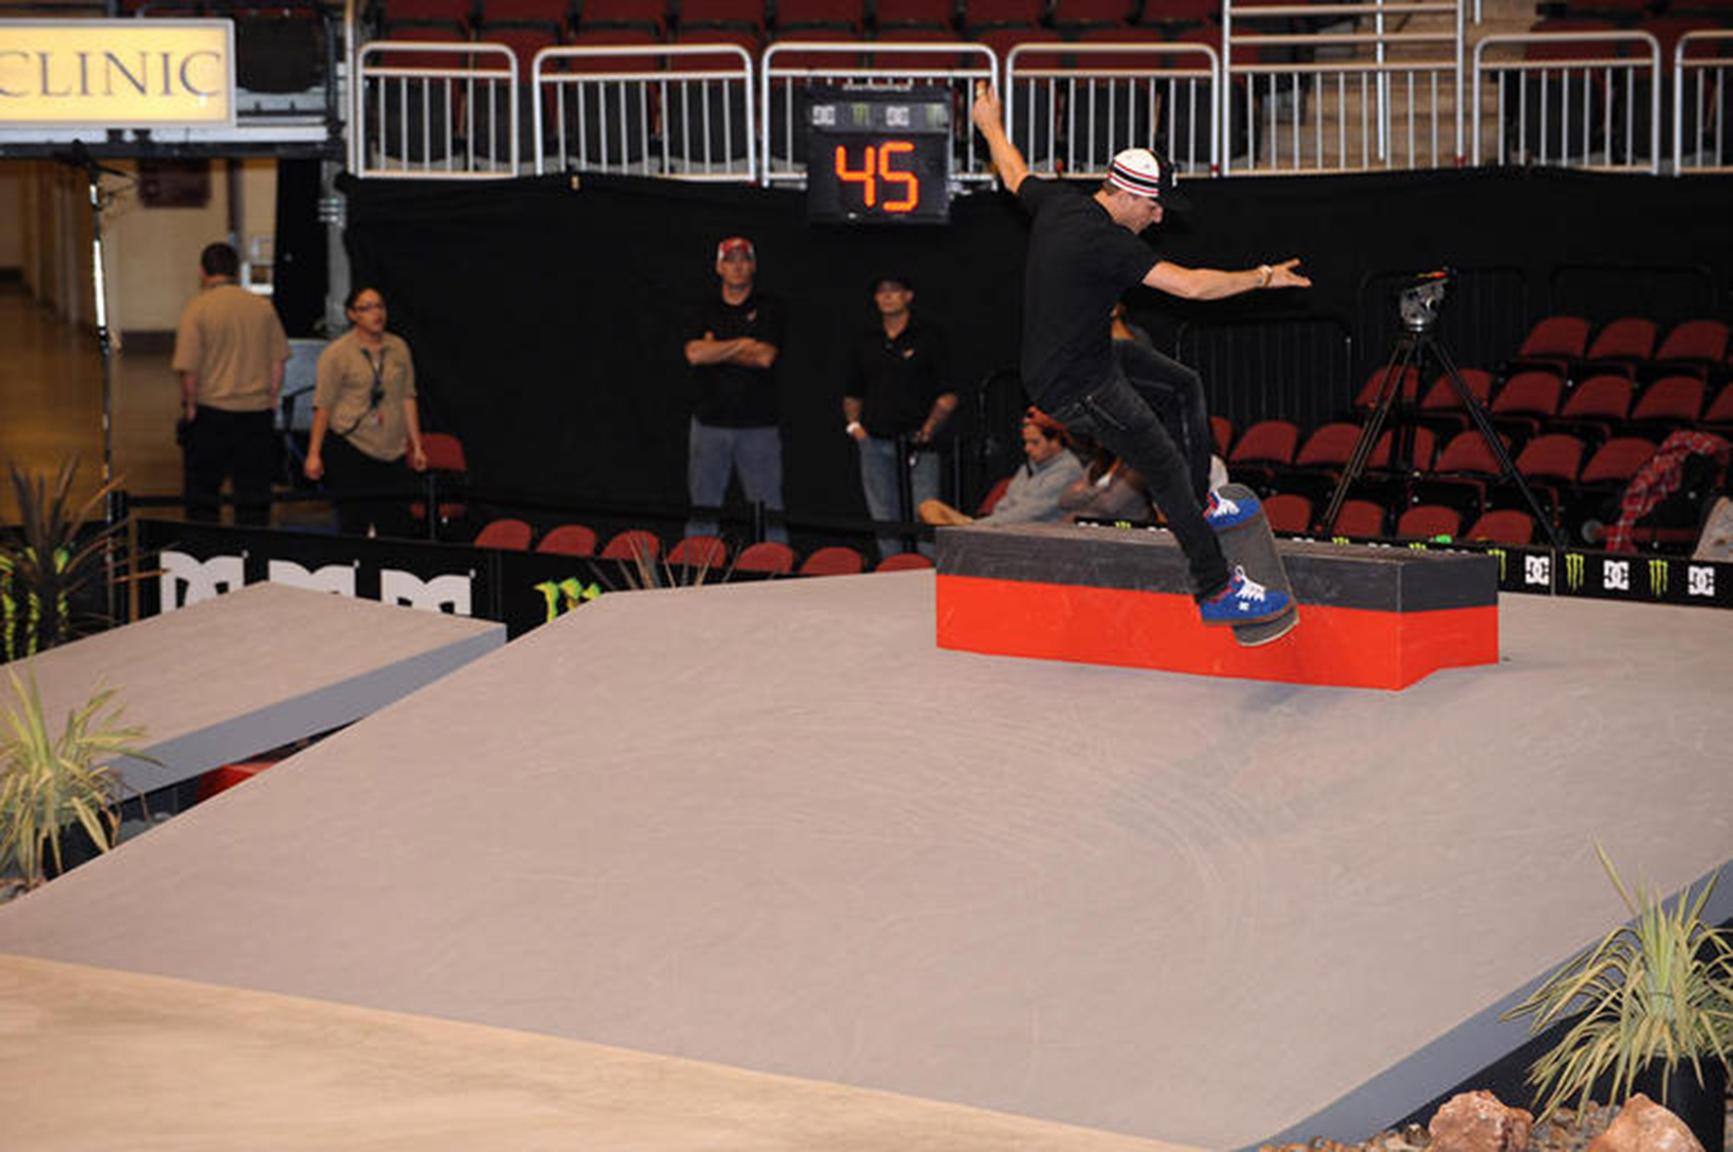 Dyrdek the skateboarder